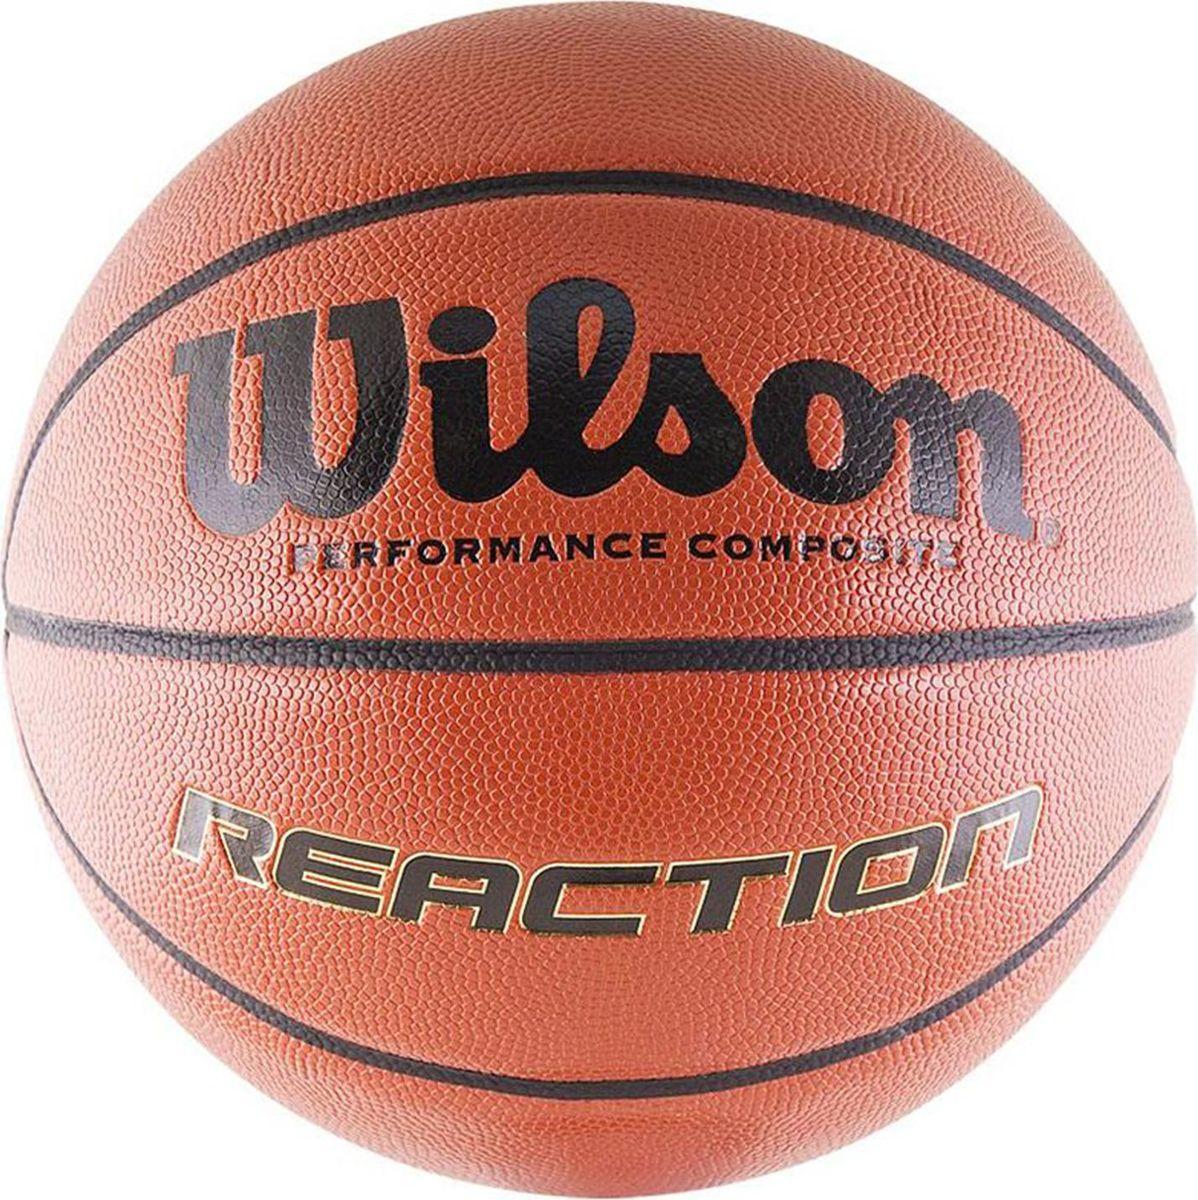 Мяч баскетбольный Wilson Reaction, цвет: кирпичный. Размер 5 баскетбольный мяч and1 fast break composite